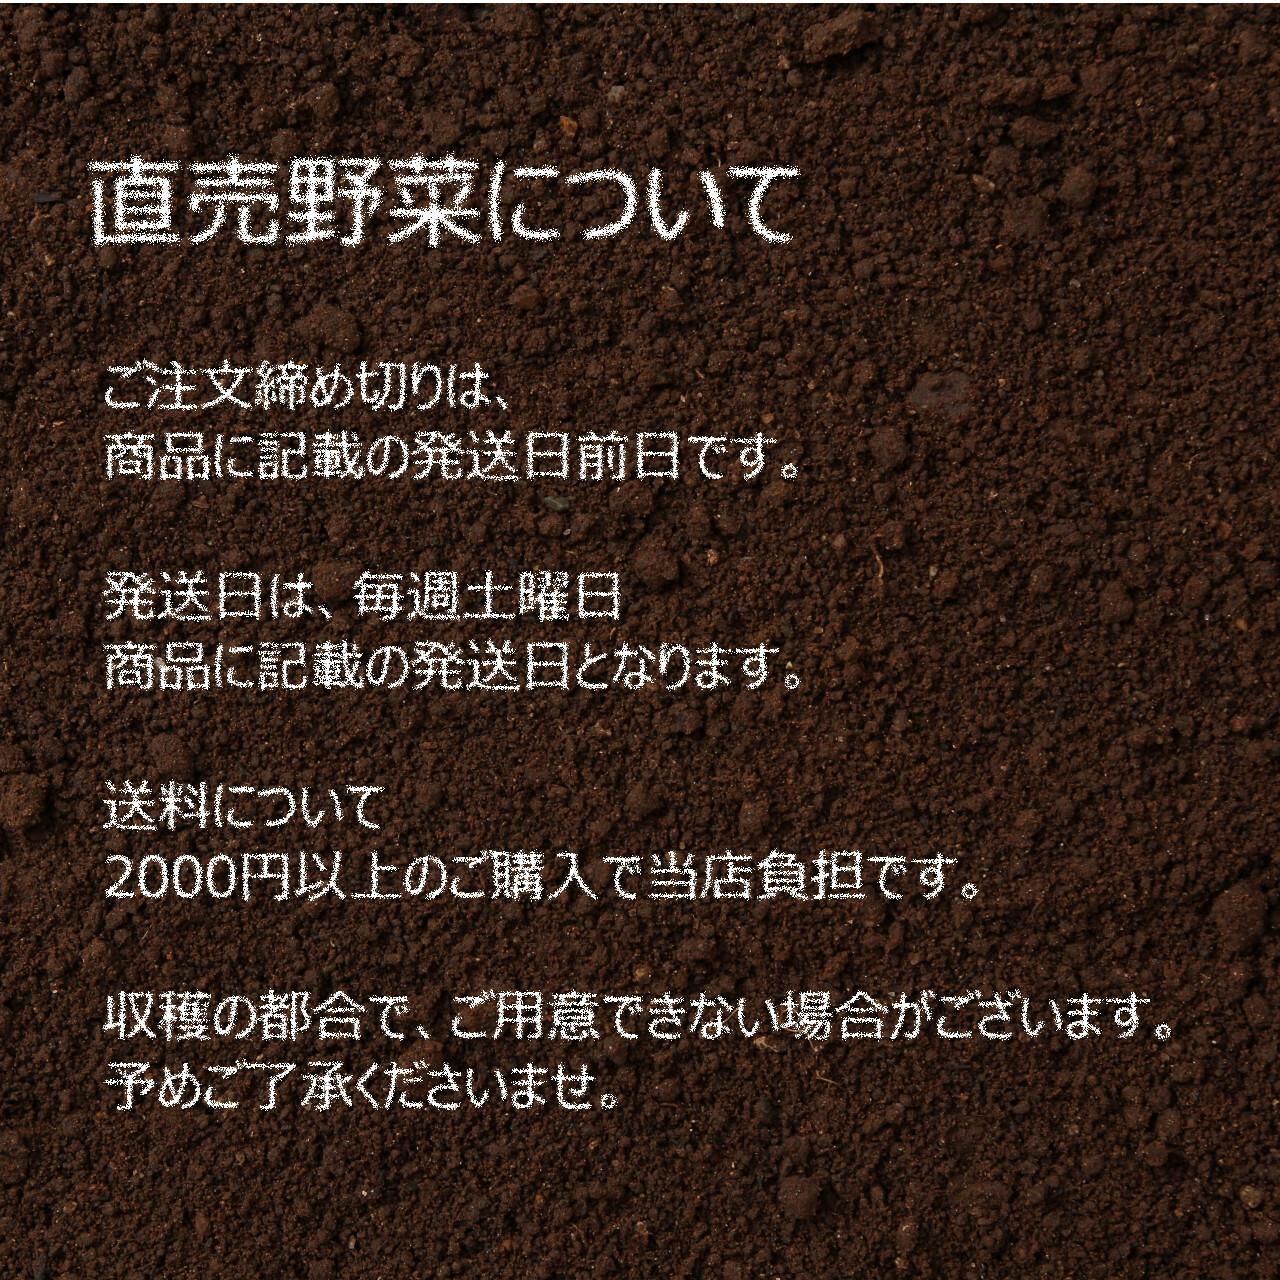 8月の朝採り直売野菜 : ししとう 約300g 新鮮夏野菜 8月24日発送予定